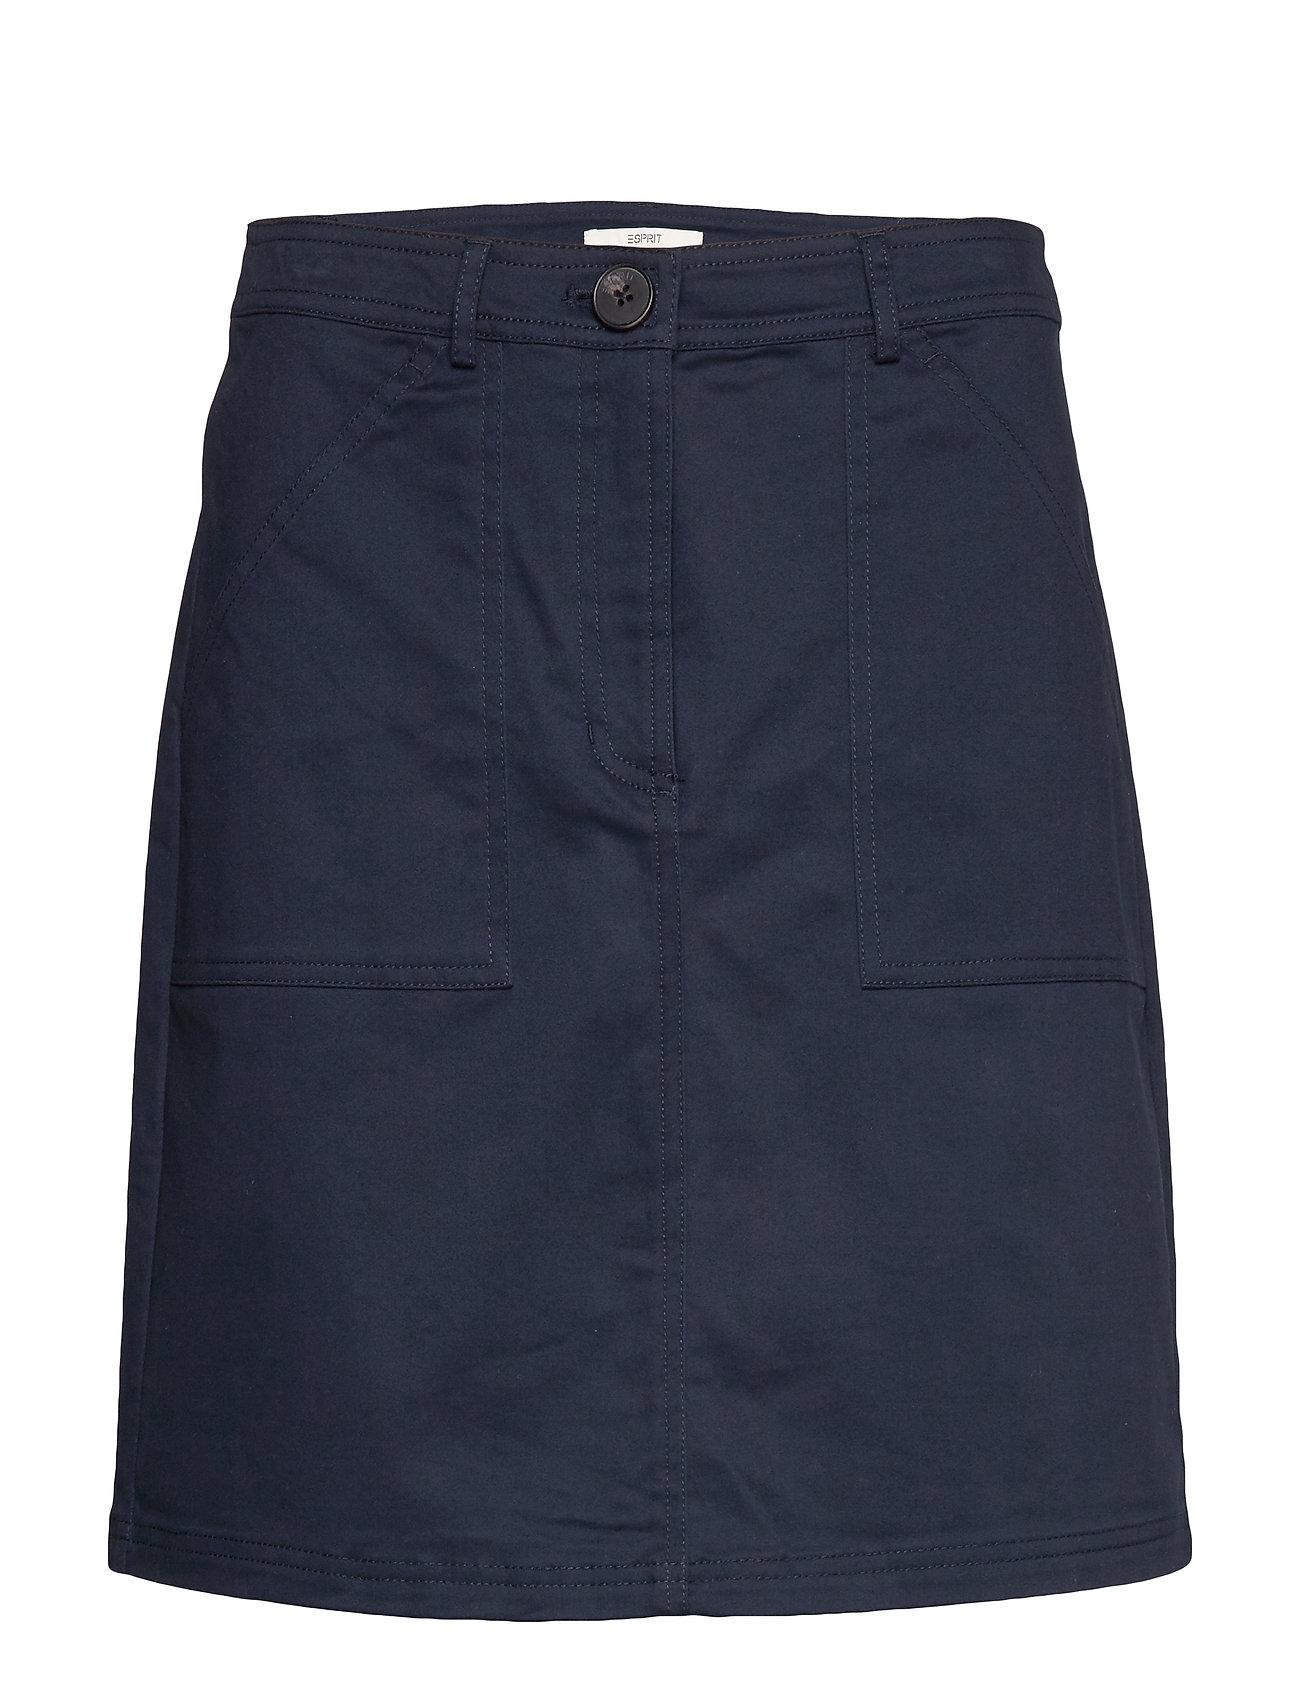 Image of Skirts Woven Kort Nederdel Blå Esprit Casual (3346637721)